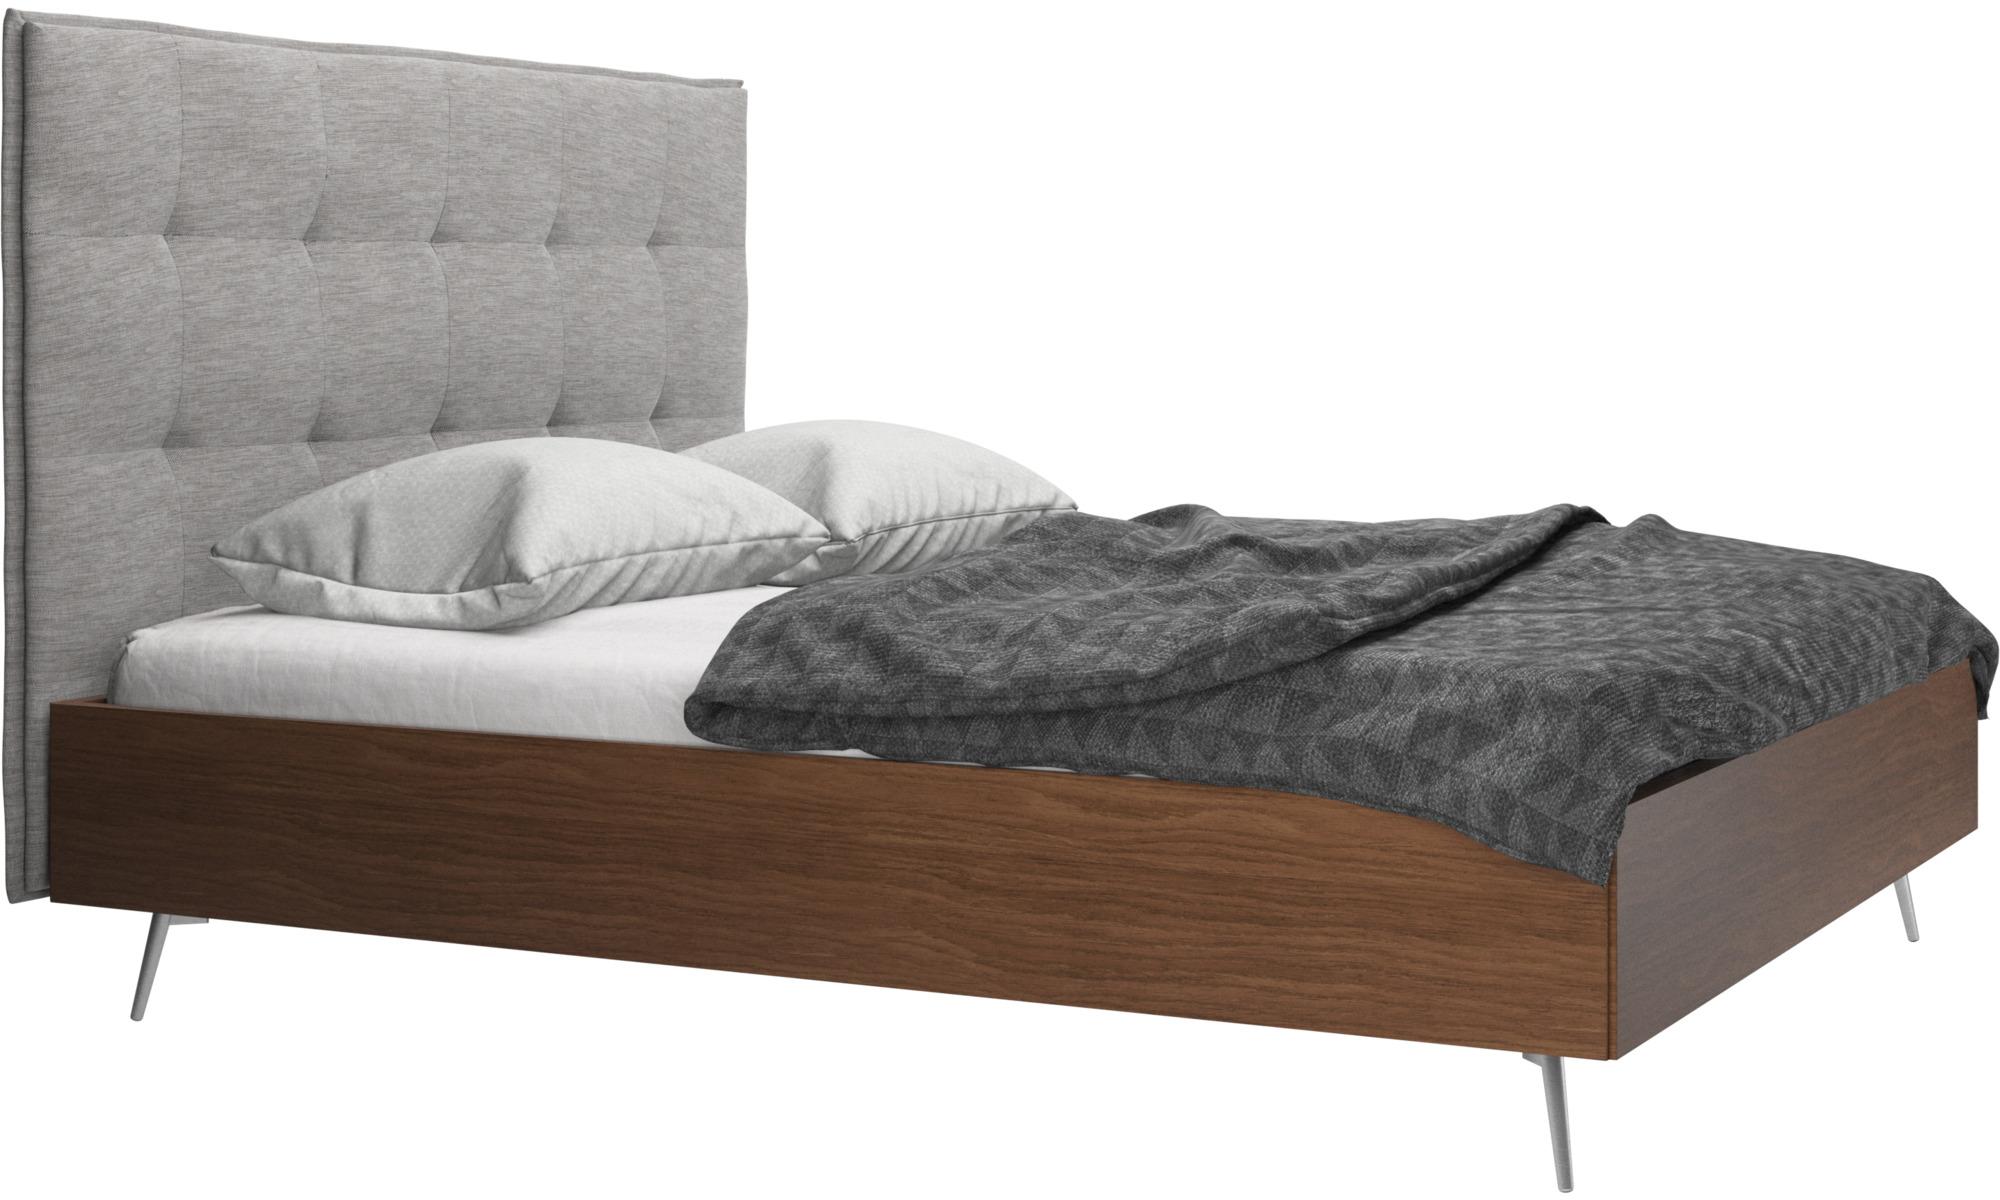 betten lugano bett lattenrost und matratze gegen aufpreis boconcept. Black Bedroom Furniture Sets. Home Design Ideas